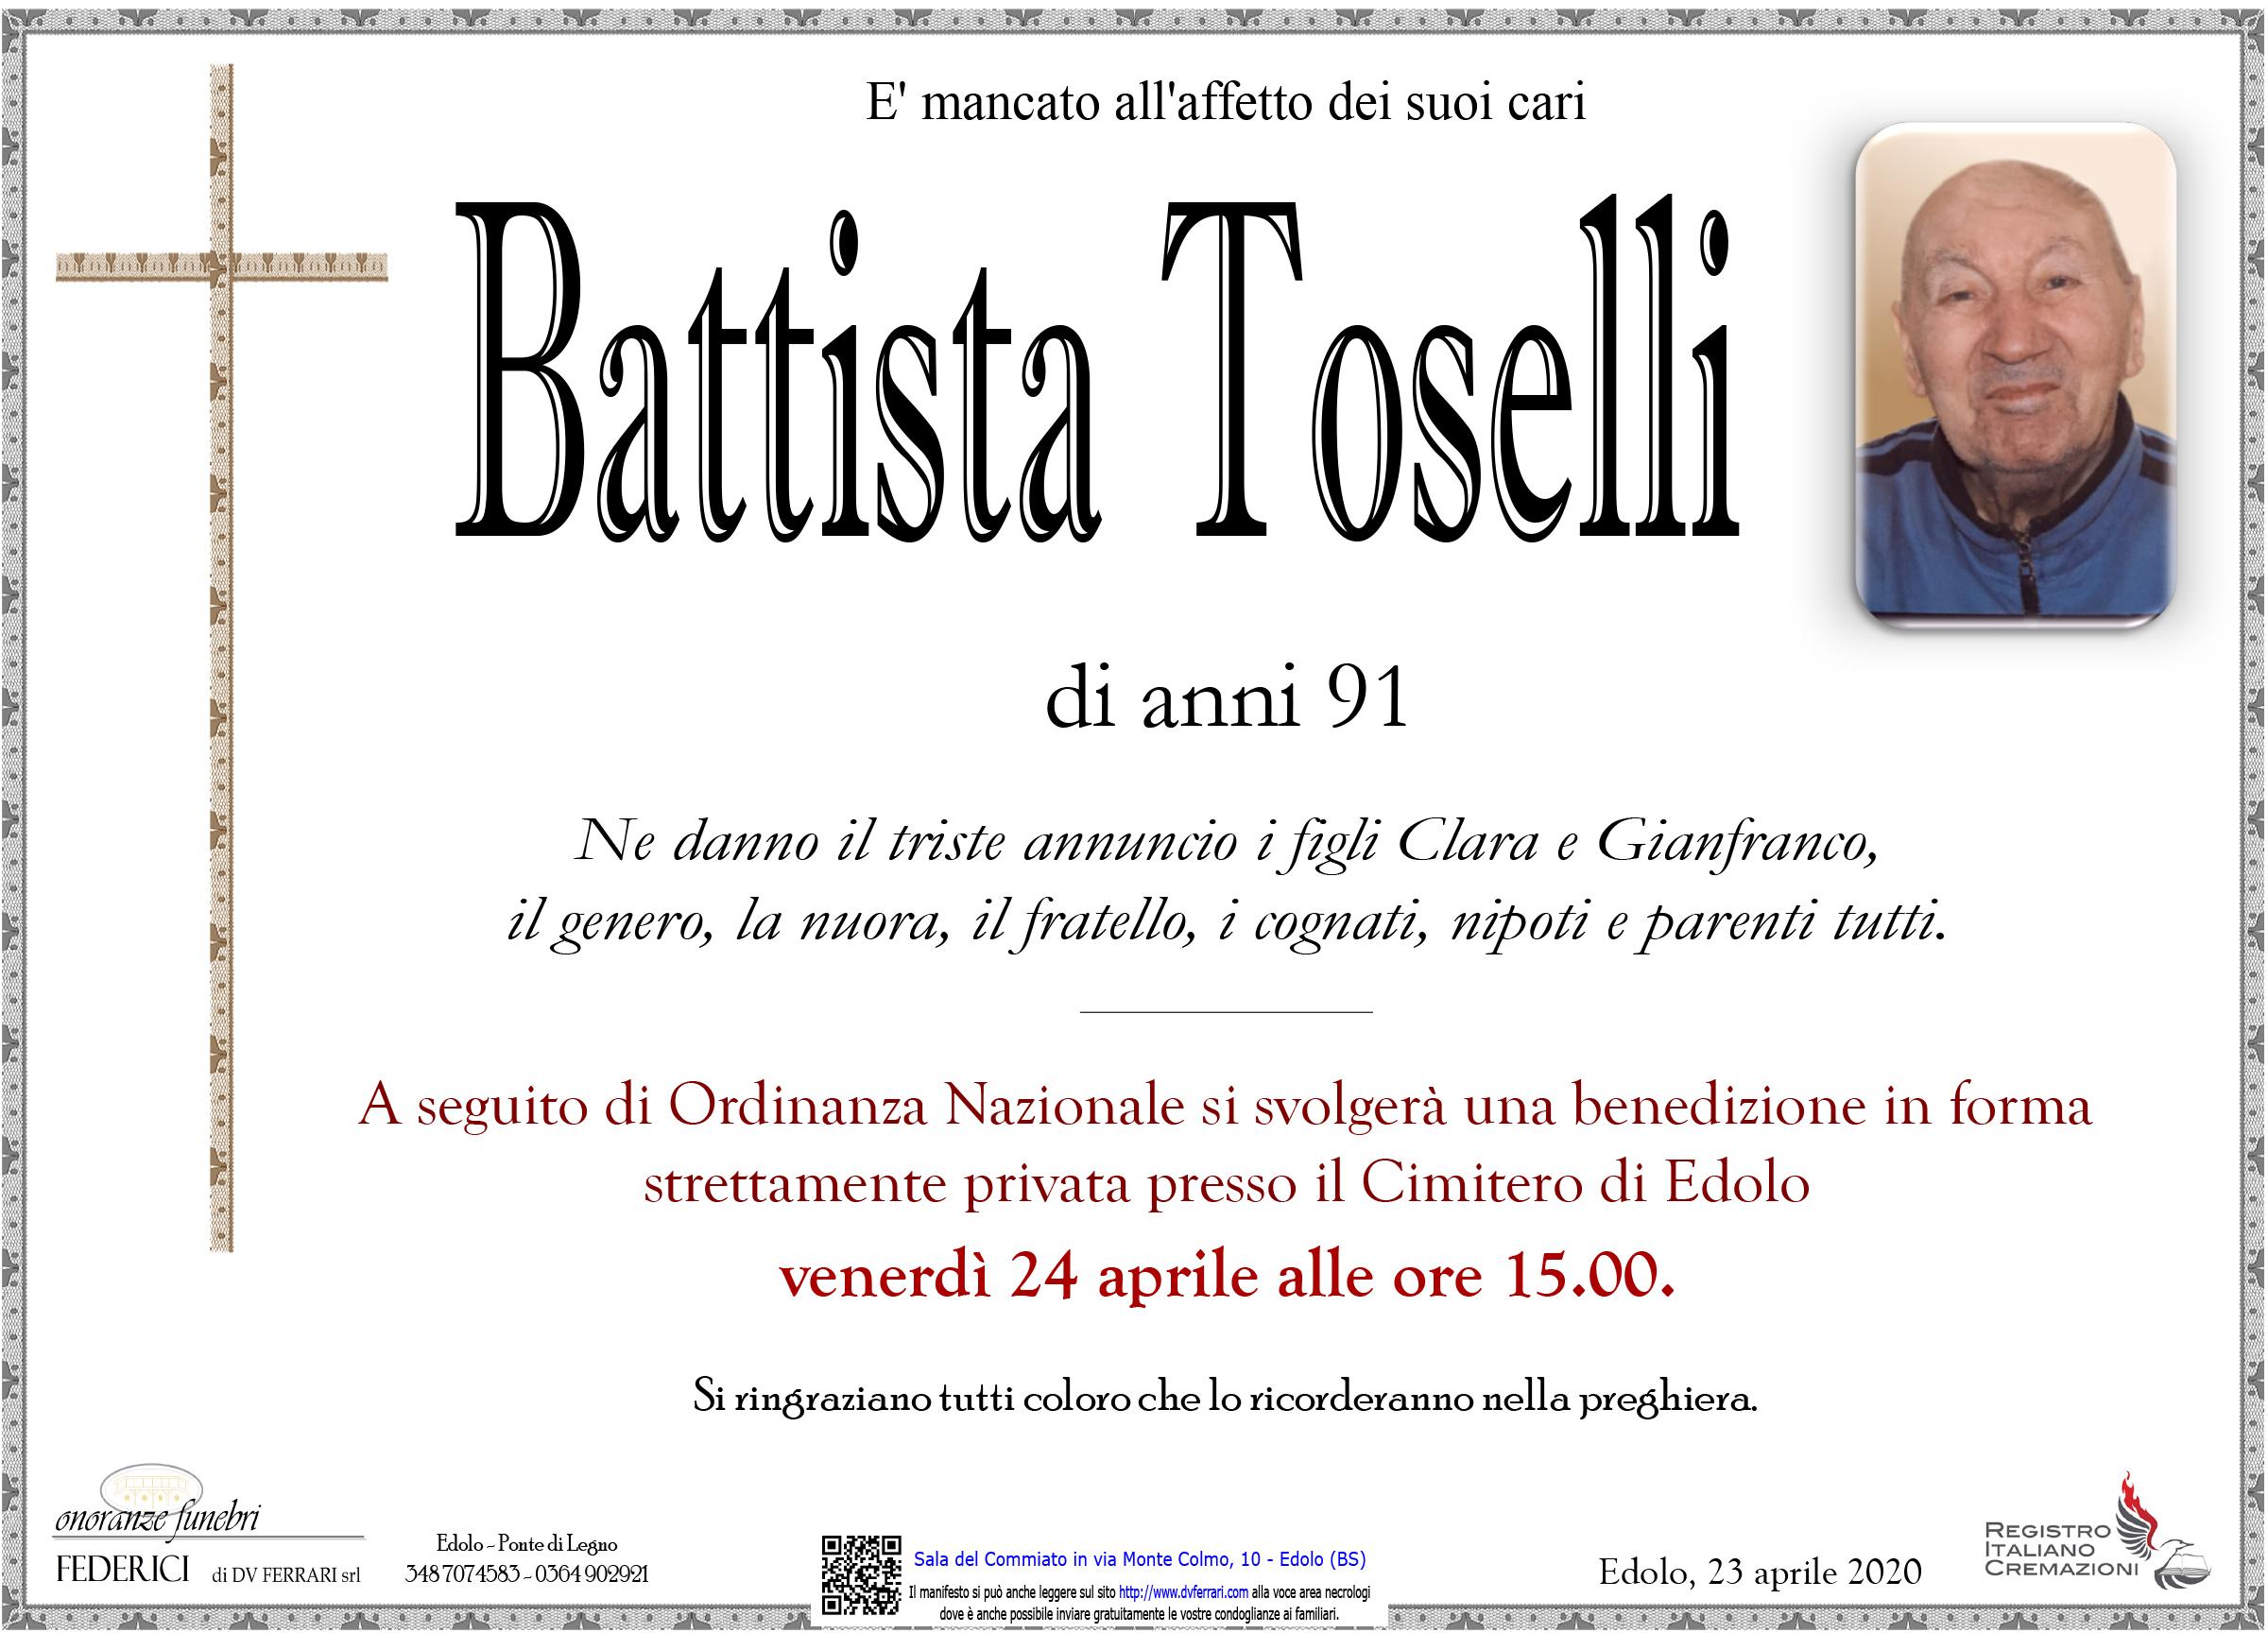 BATTISTA TOSELLI - EDOLO